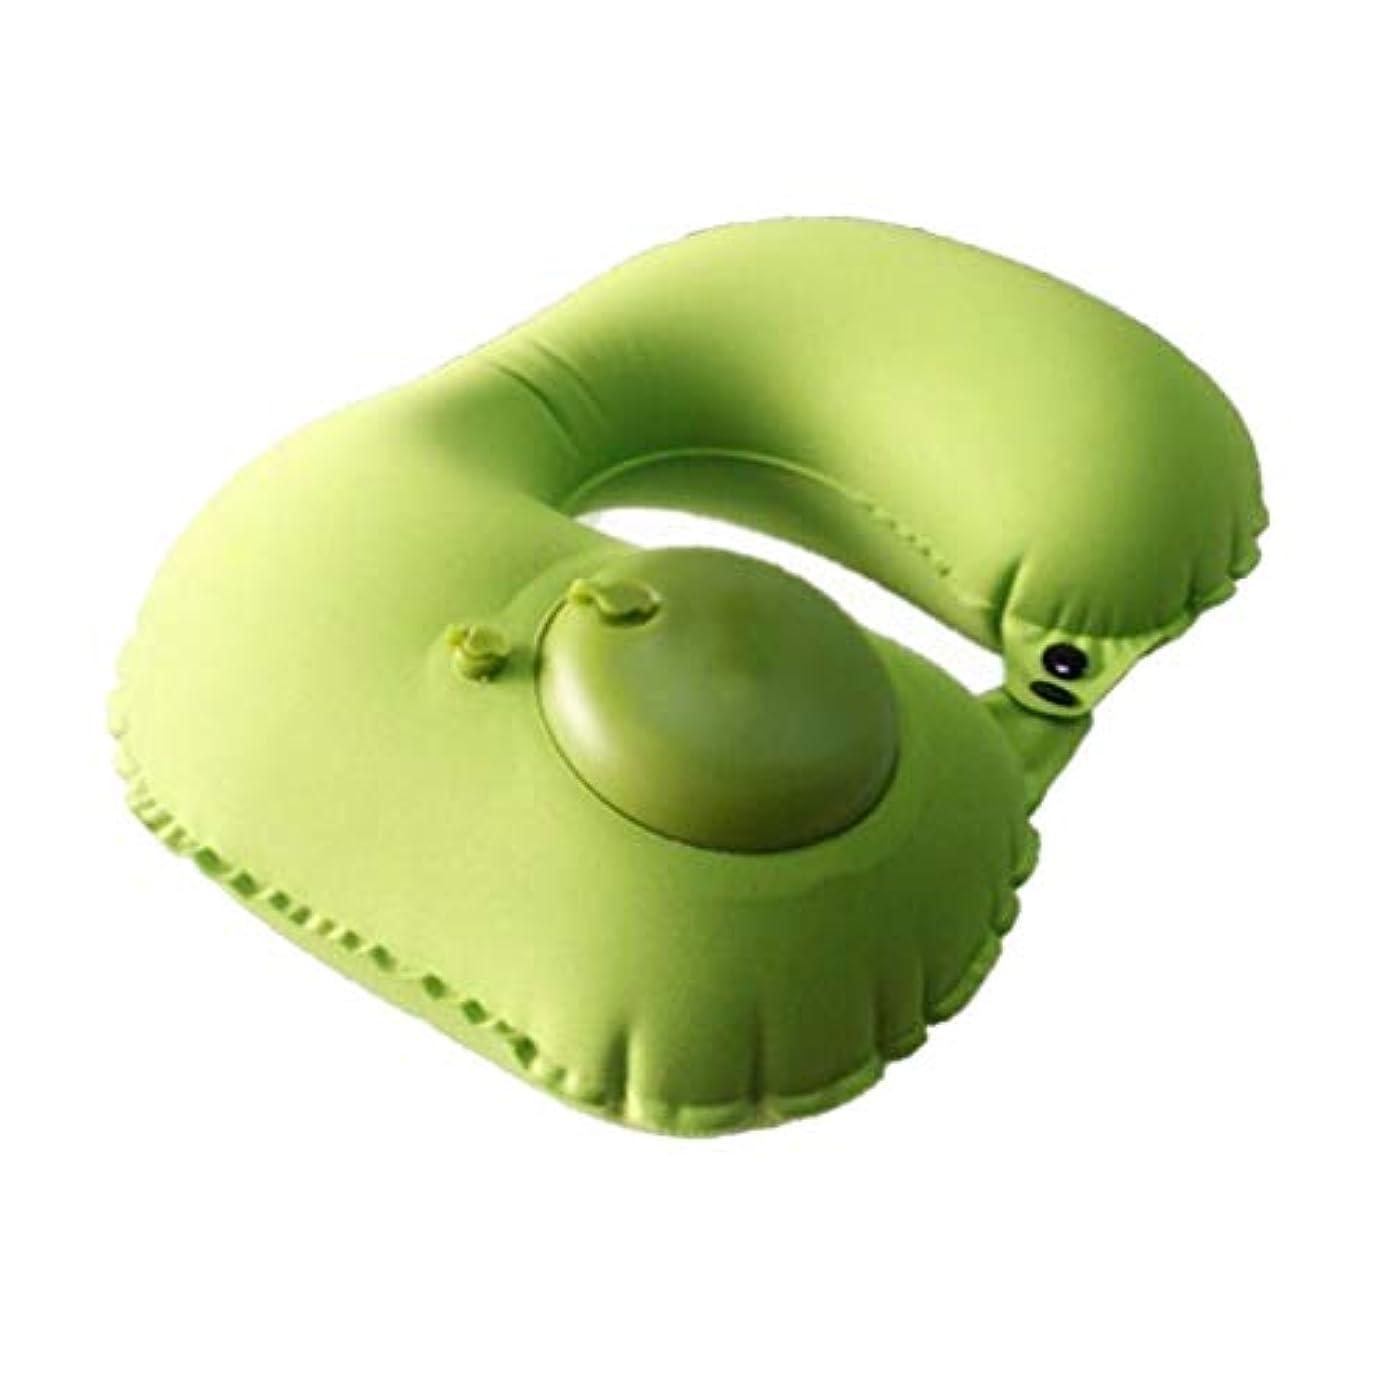 経済ページェント対角線トラベルピローネッククッション - コンパクトな360°コンフォート - トラベルバッグは車、飛行機、電車や家のために含まれています (Color : Green)